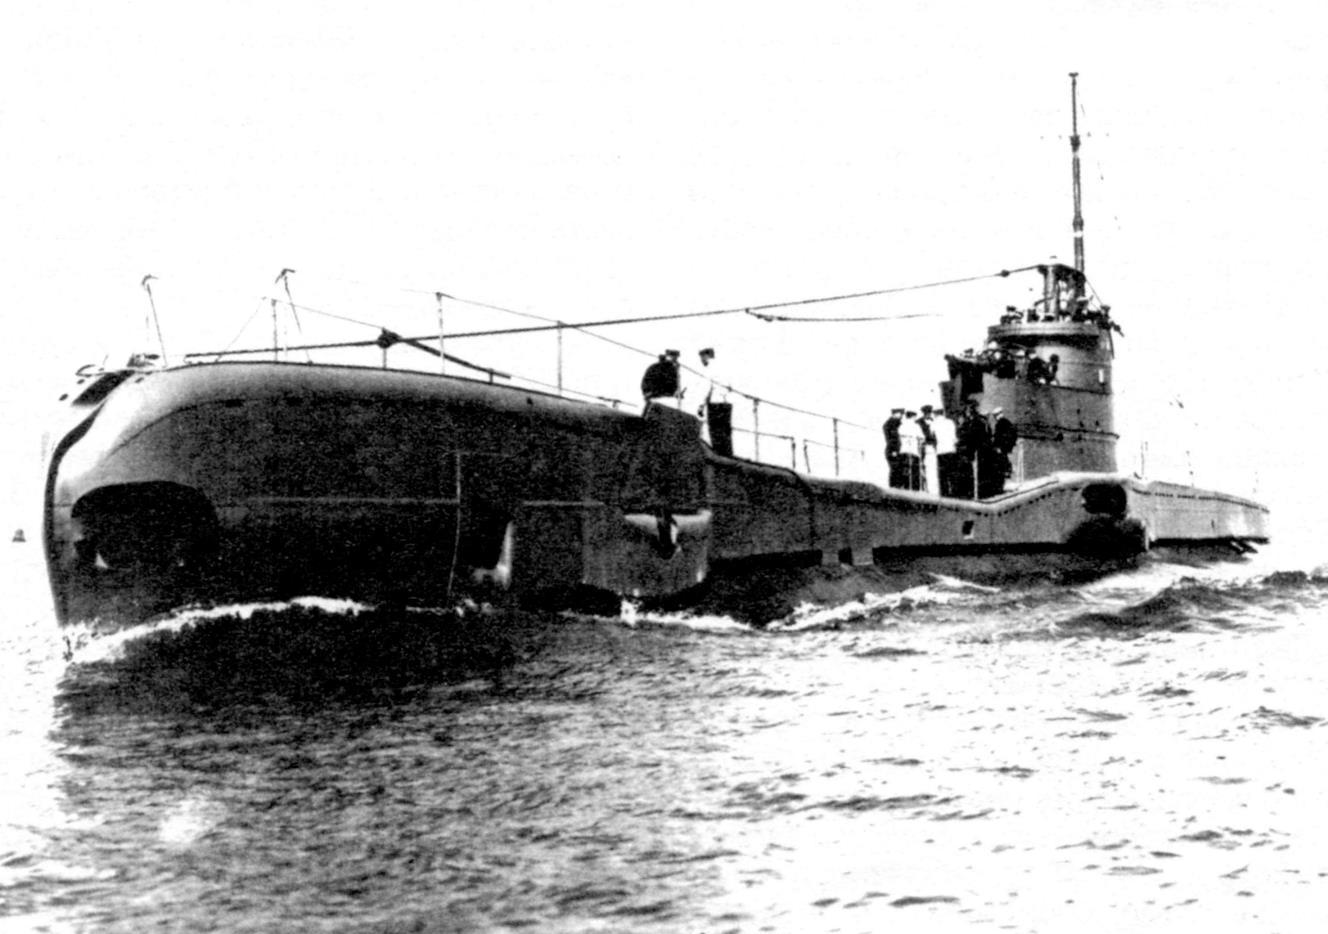 Подводная лодка «Тритон» (тип «Т», серия I), Англия, 1938 г.